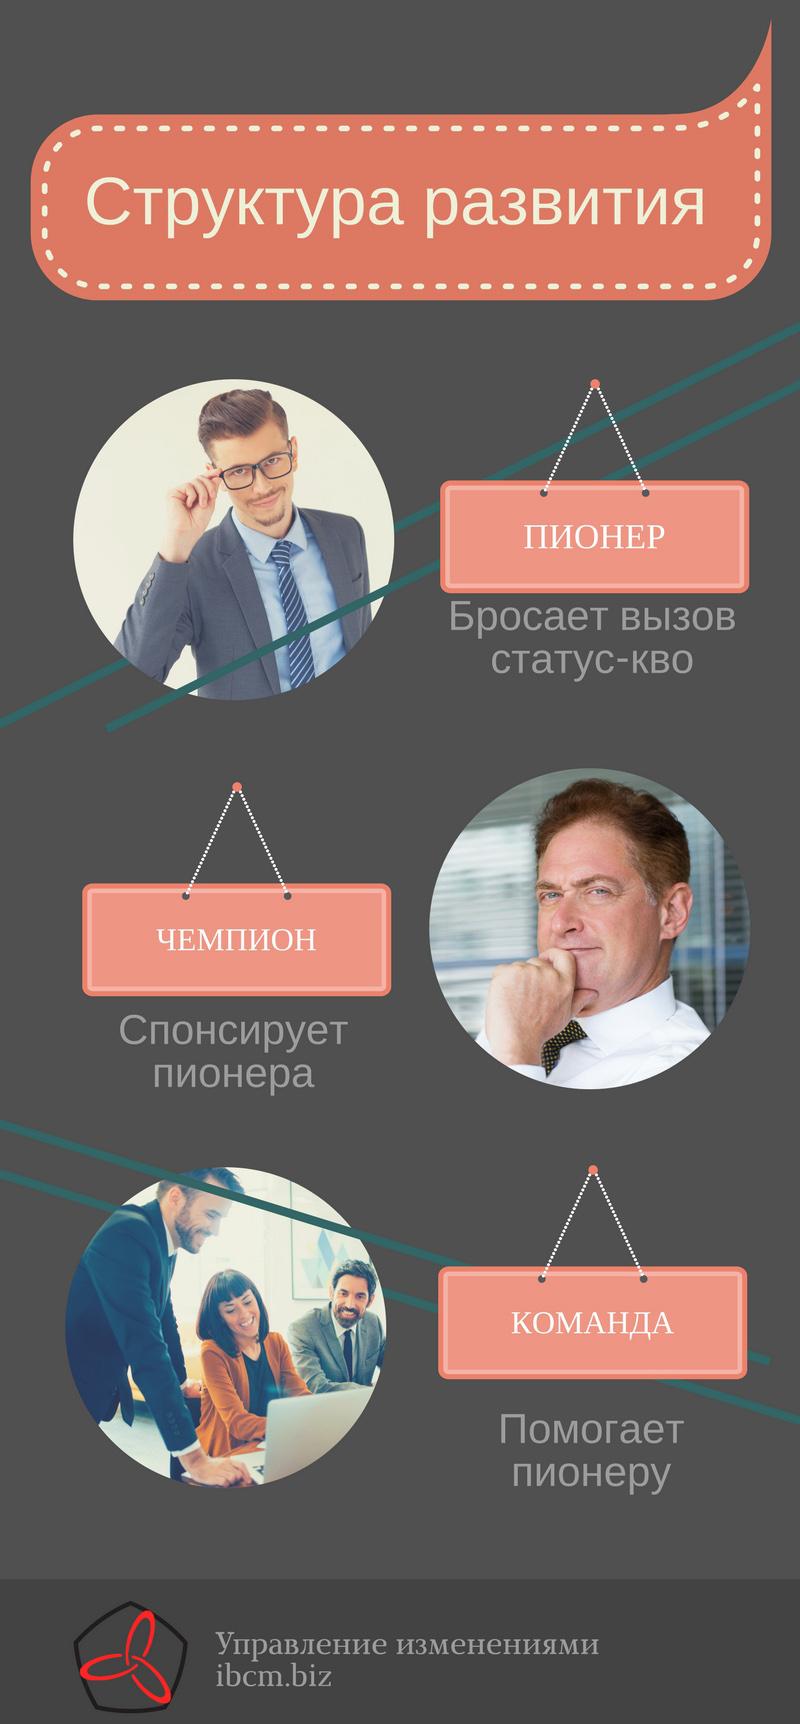 Структура для создания культуры развития